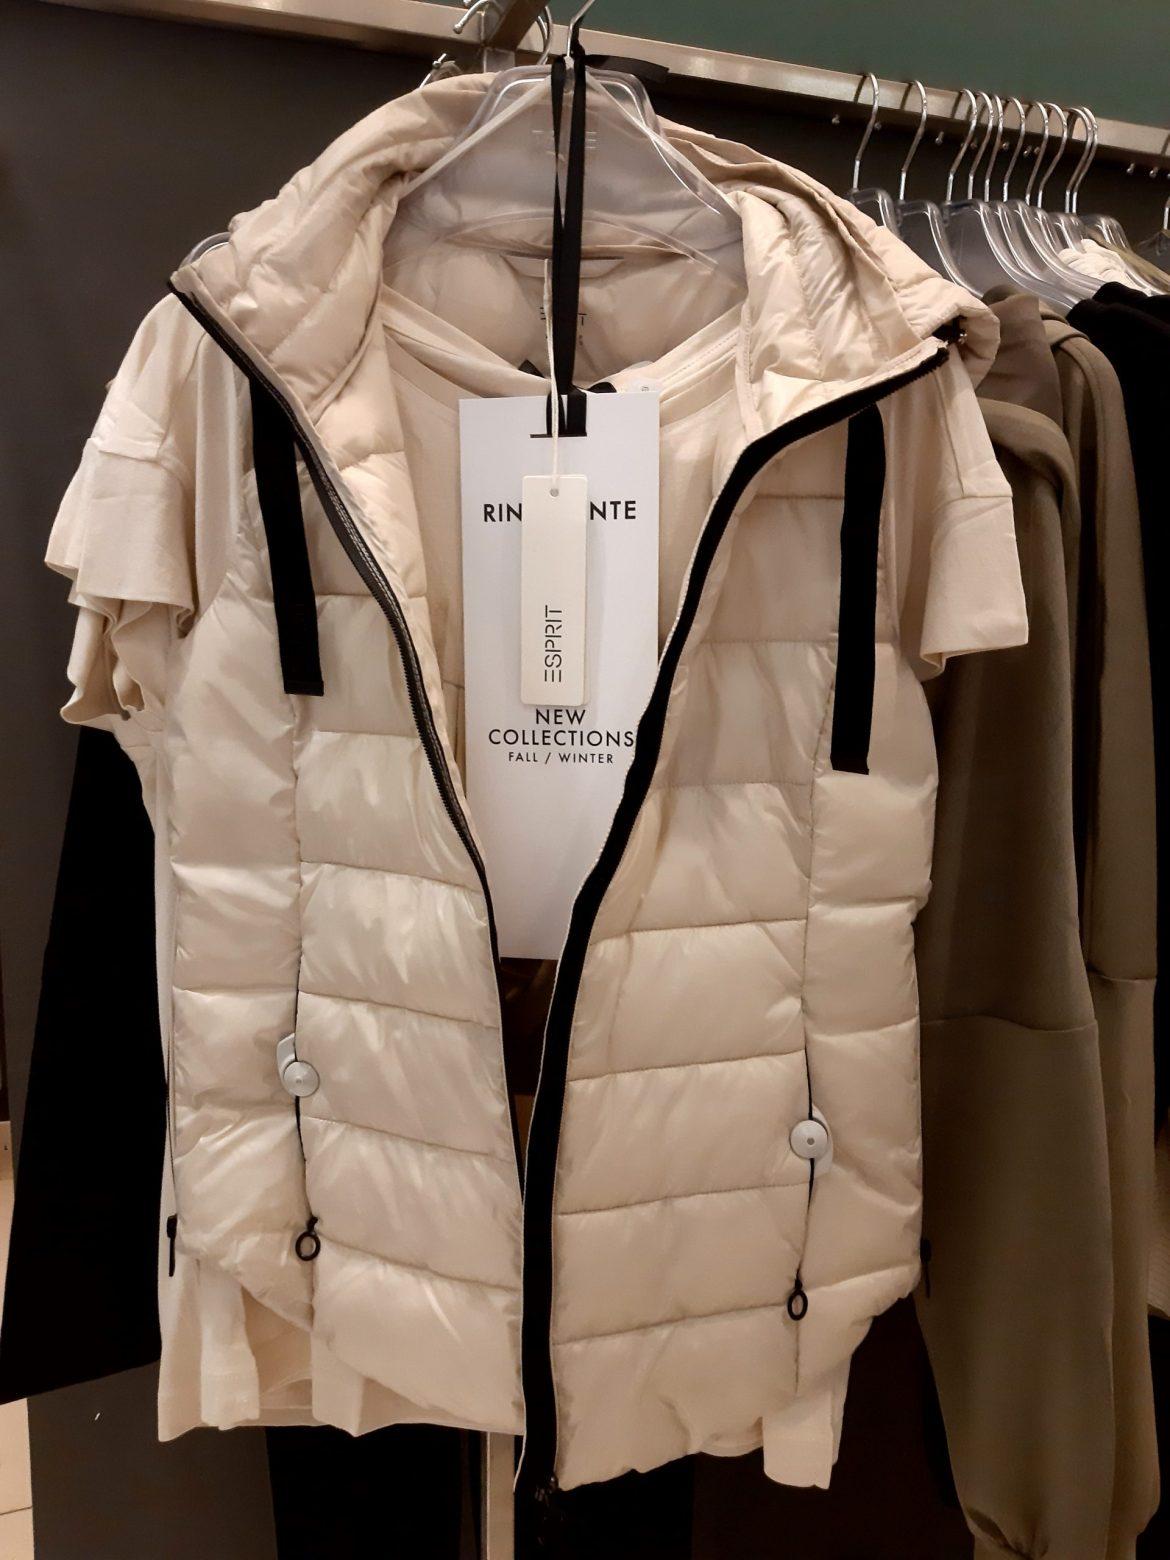 Colete da marca Sprit na La Rinascente, nova coleção outono inverno 22-23